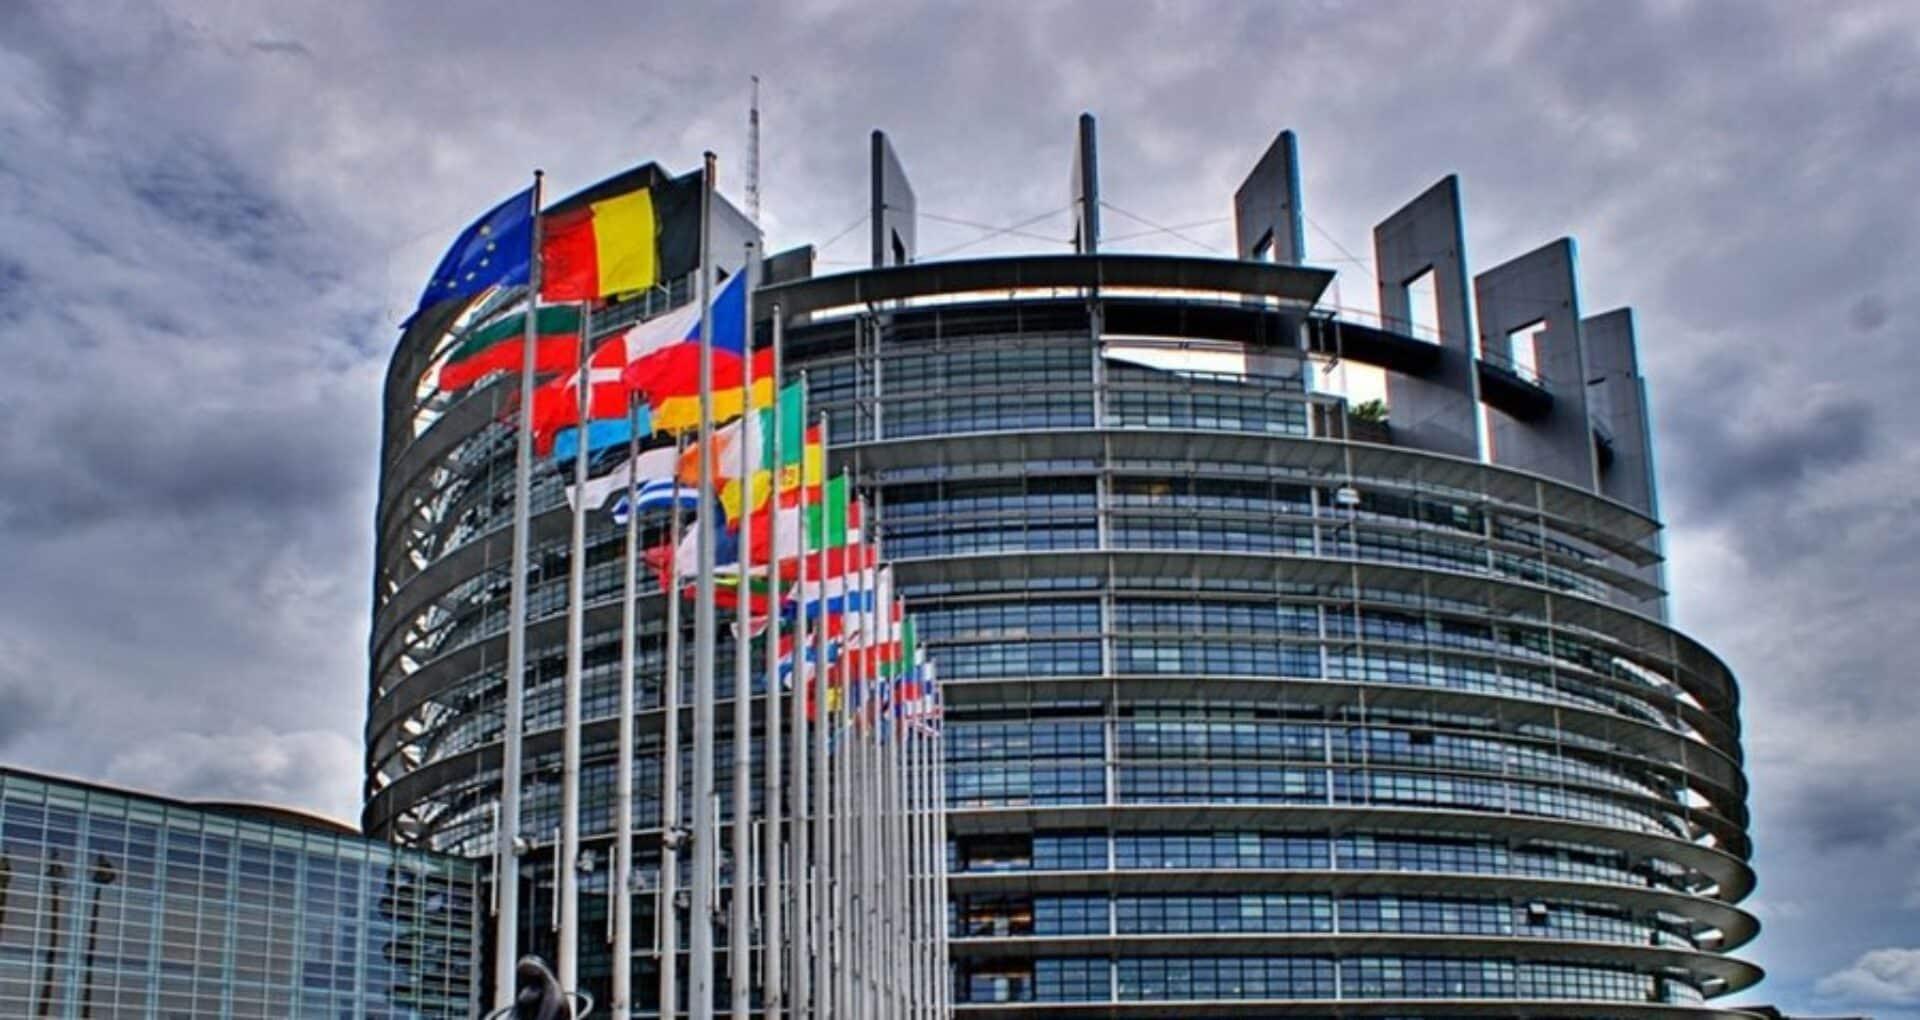 Parlamentul European a cerut Comisiei Europene mai multe informaţii despre PNRR-uri